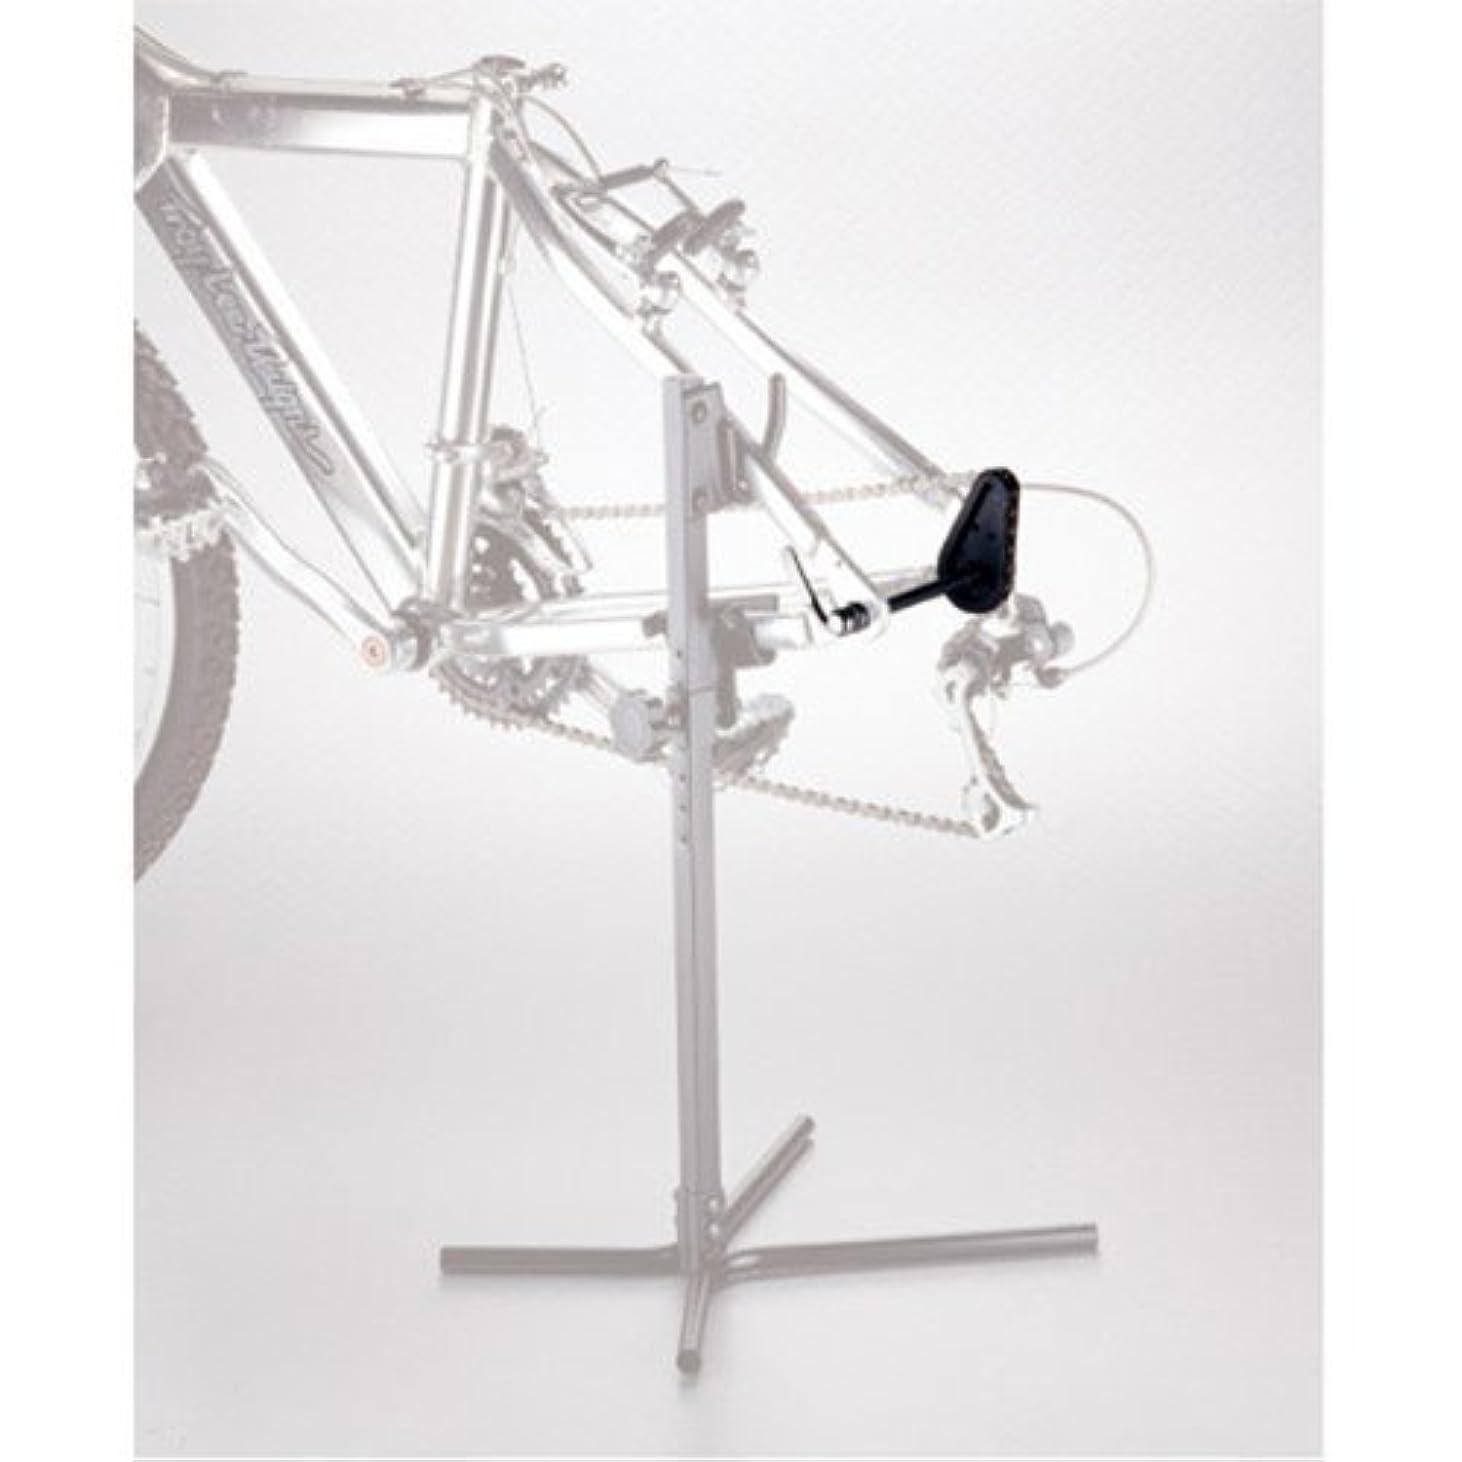 相対サイズ十分ではない関係ないLIFU(リーフ) 工具 自転車 エンド金具 チェーンマスター [Chain Master] 130-165mm対応 輪行の必需品 チェーンサポート付 リアエンド保護 ロード MTB シクロクロス サイクリング #30C1